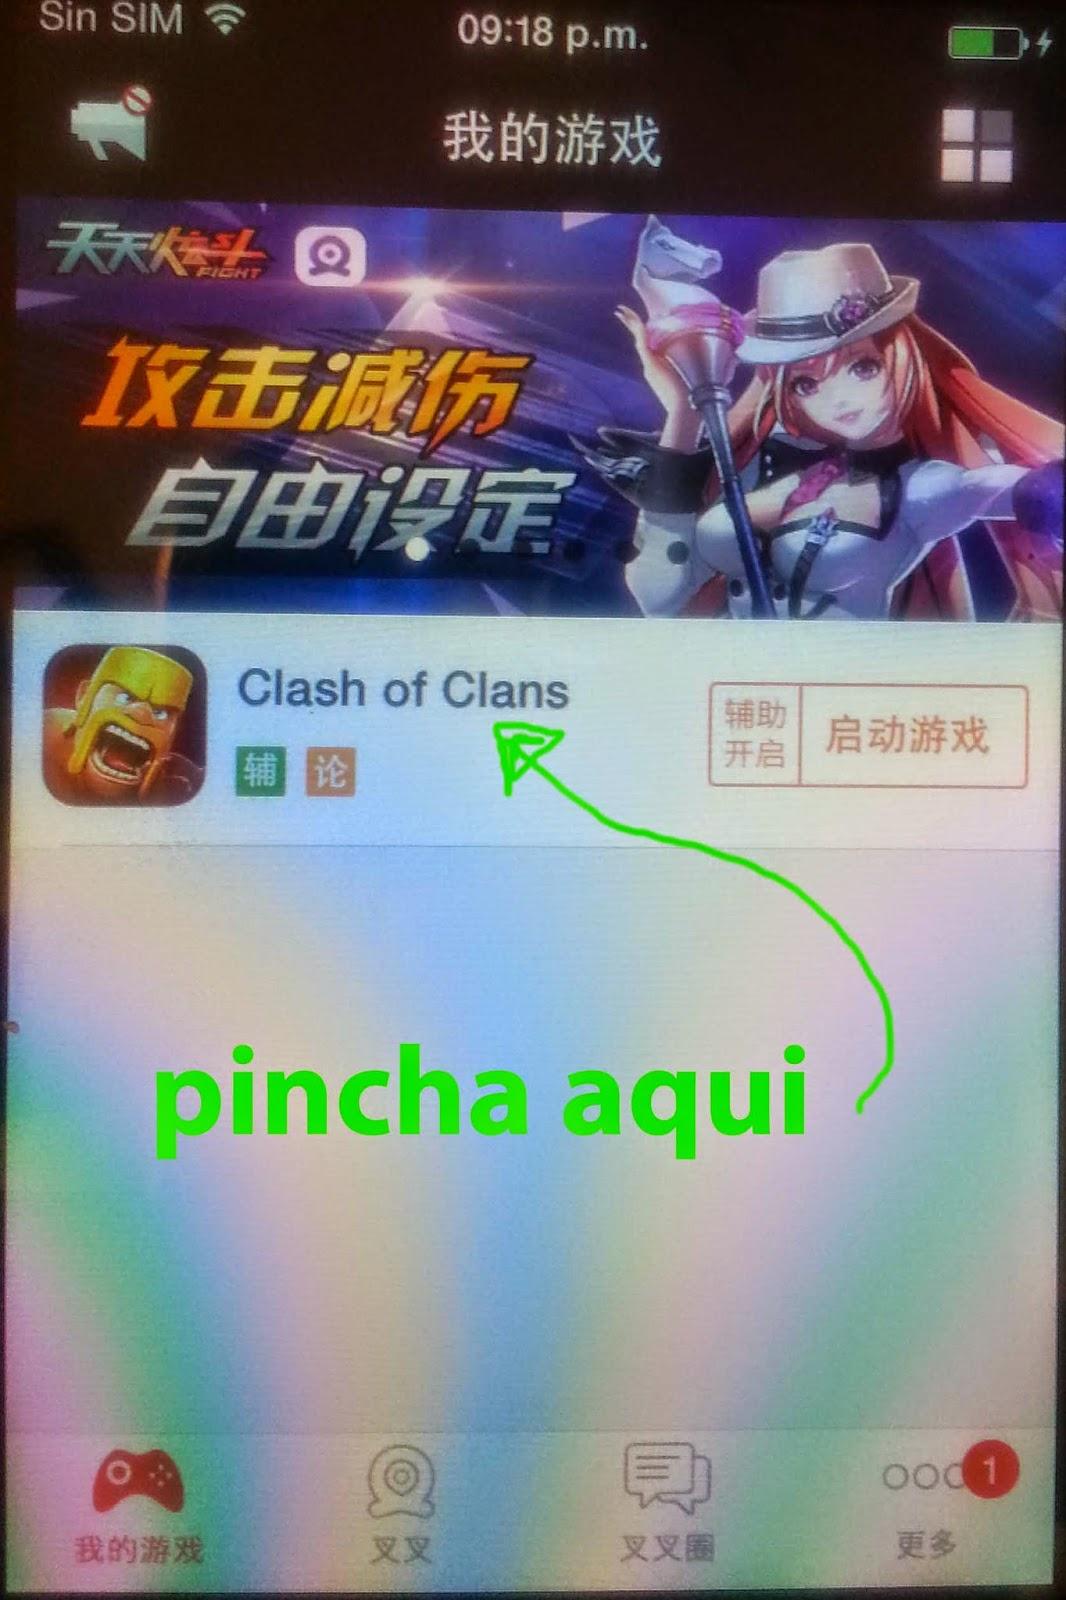 Clash of clans чит скачать - smmclaw.com